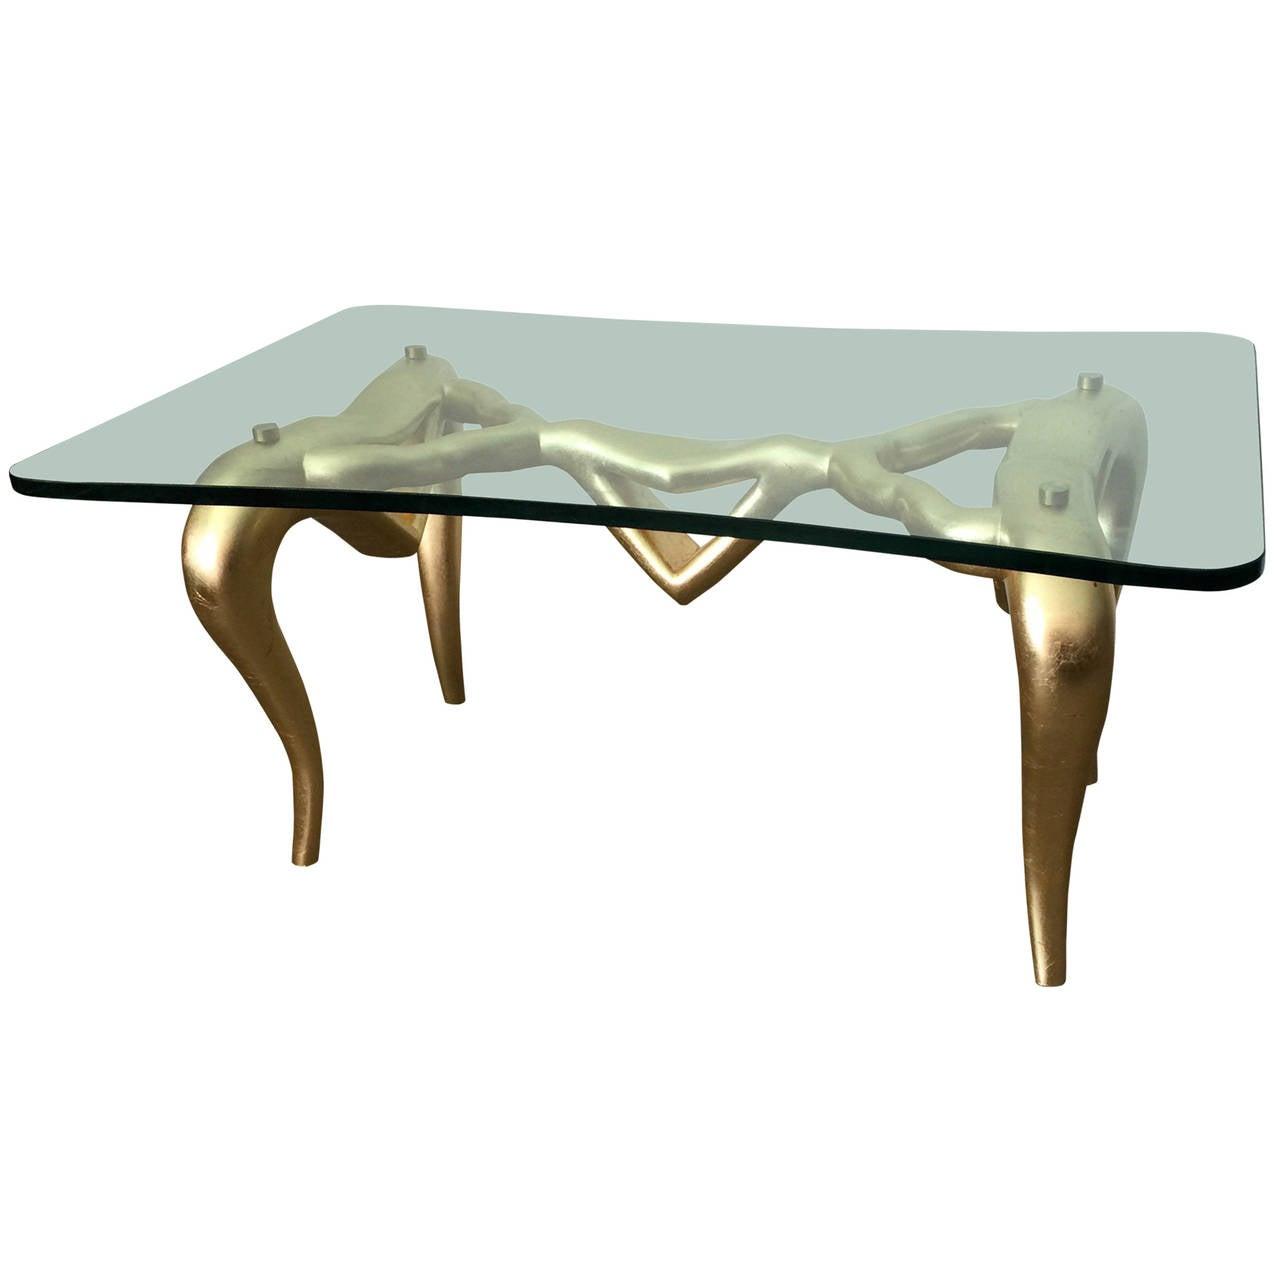 Neo Paradigm Studio: Néo-Surrealista Coffee Table By Alberto Vieyra And Jorge